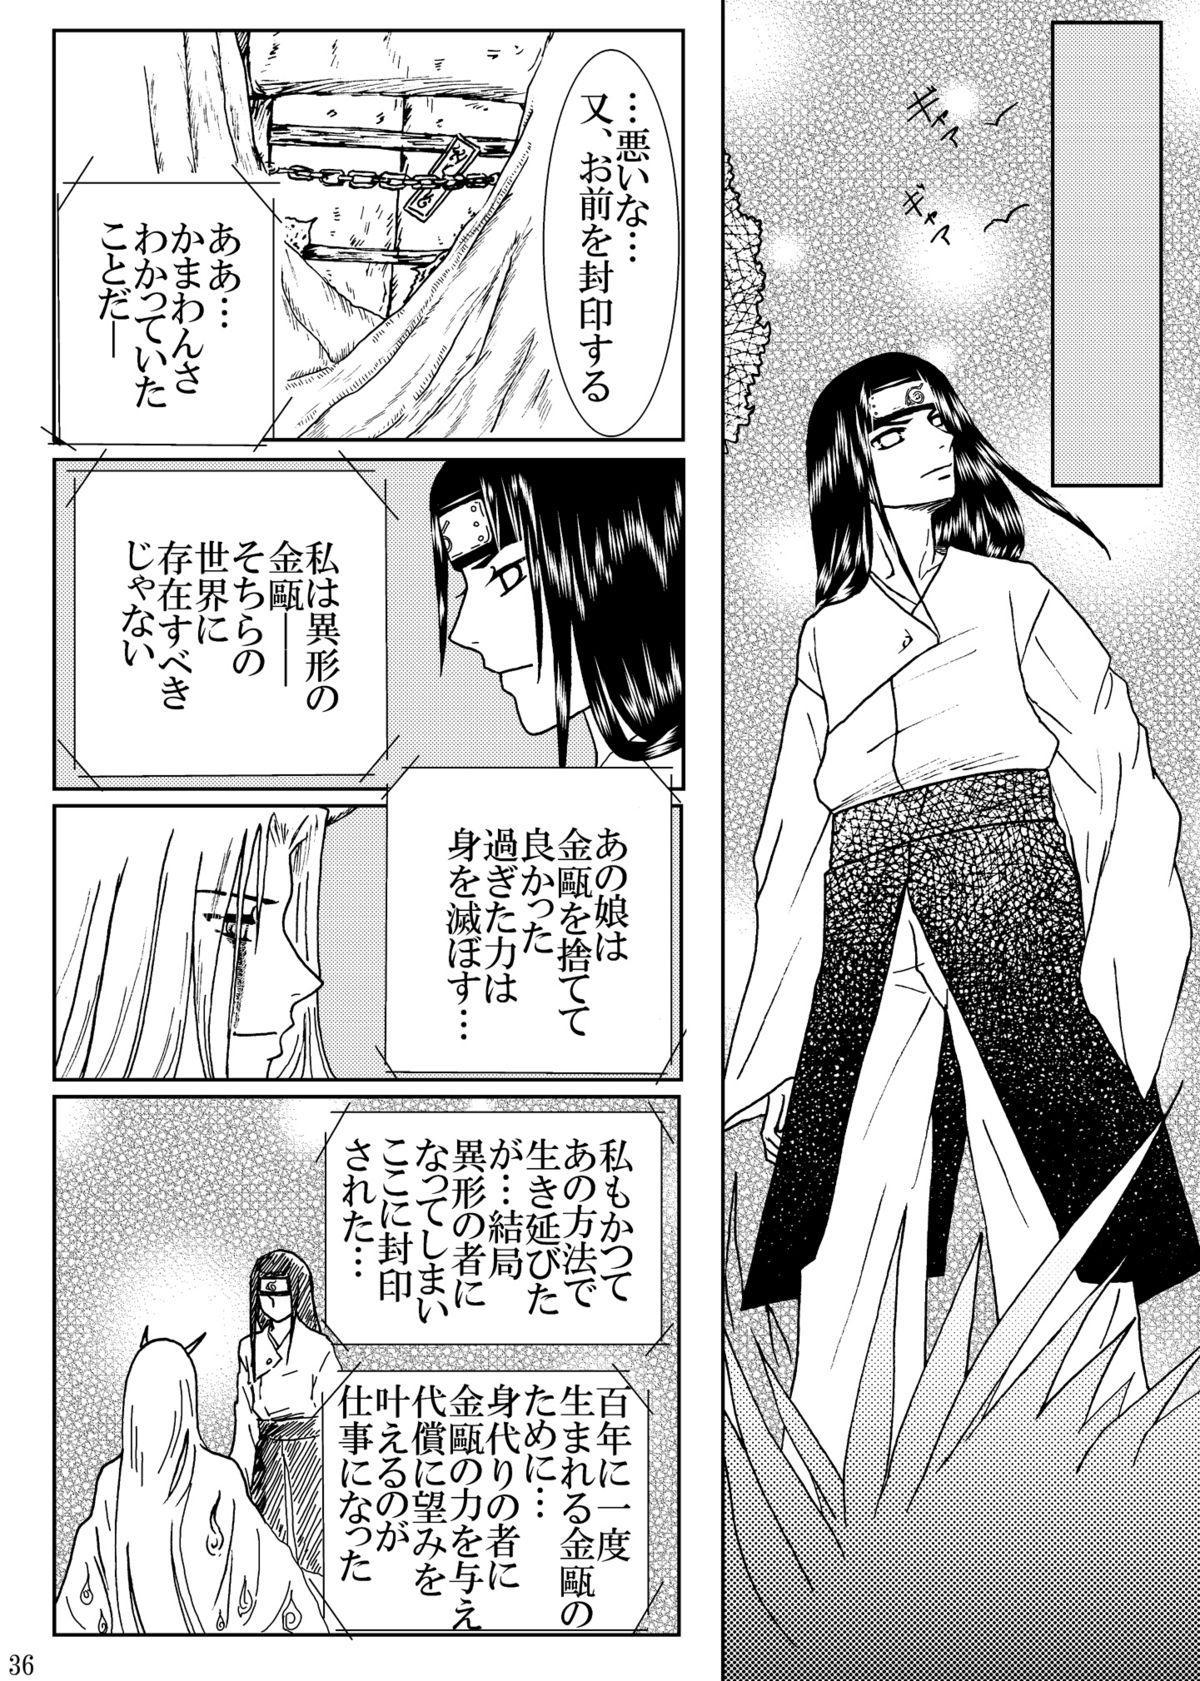 Hi Oku Saishuushou 34